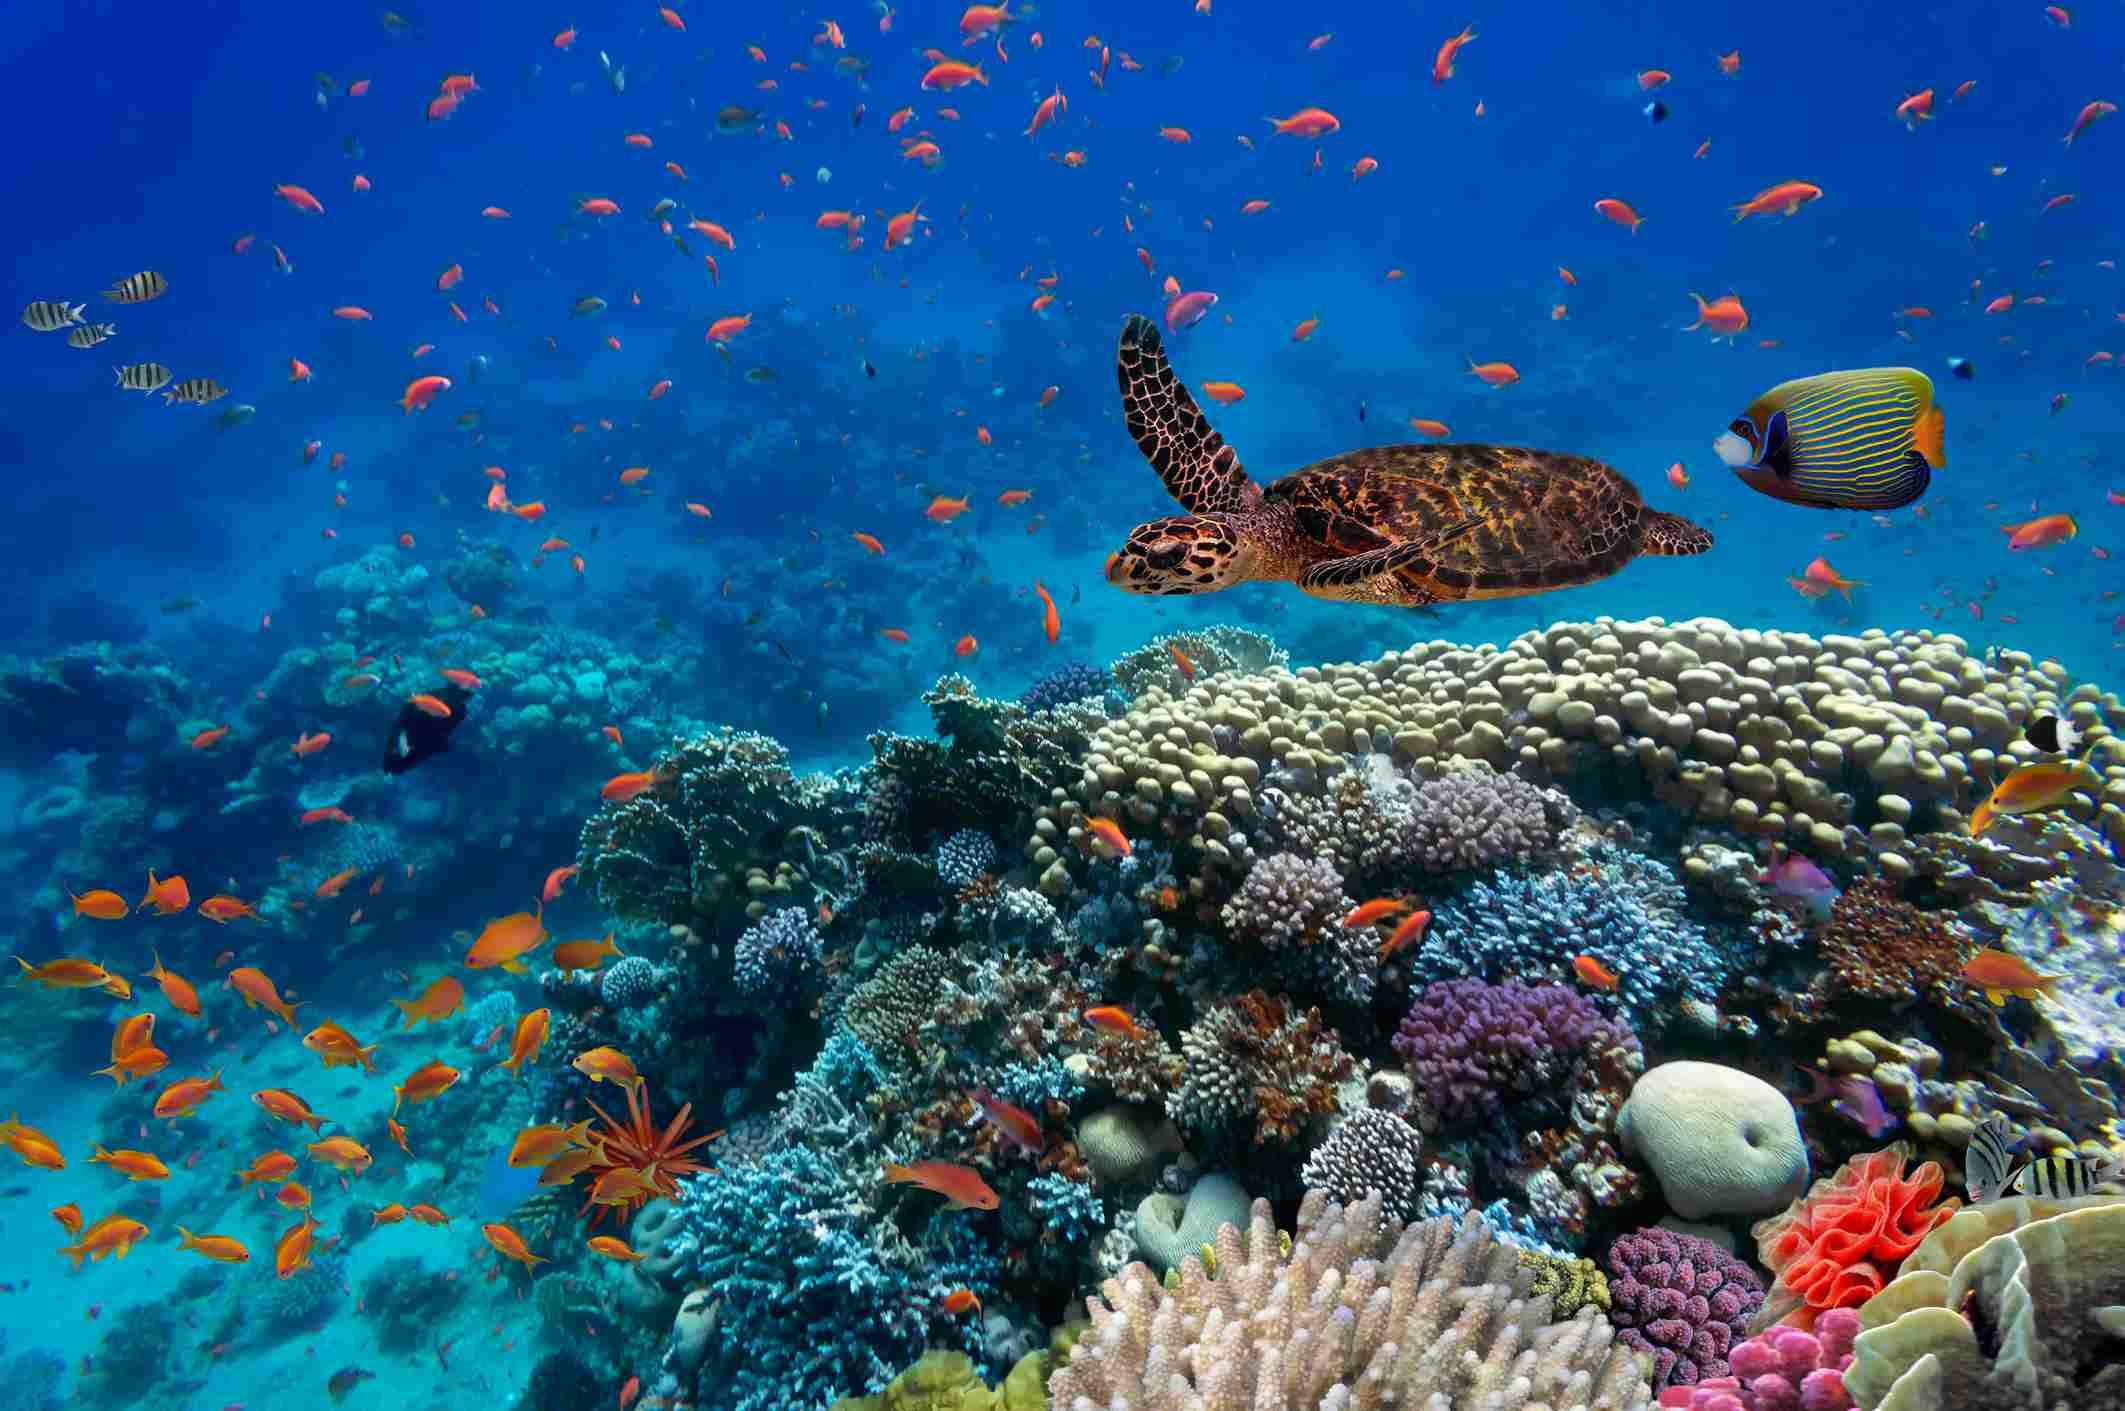 Arrecife de coral con peces y una tortuga